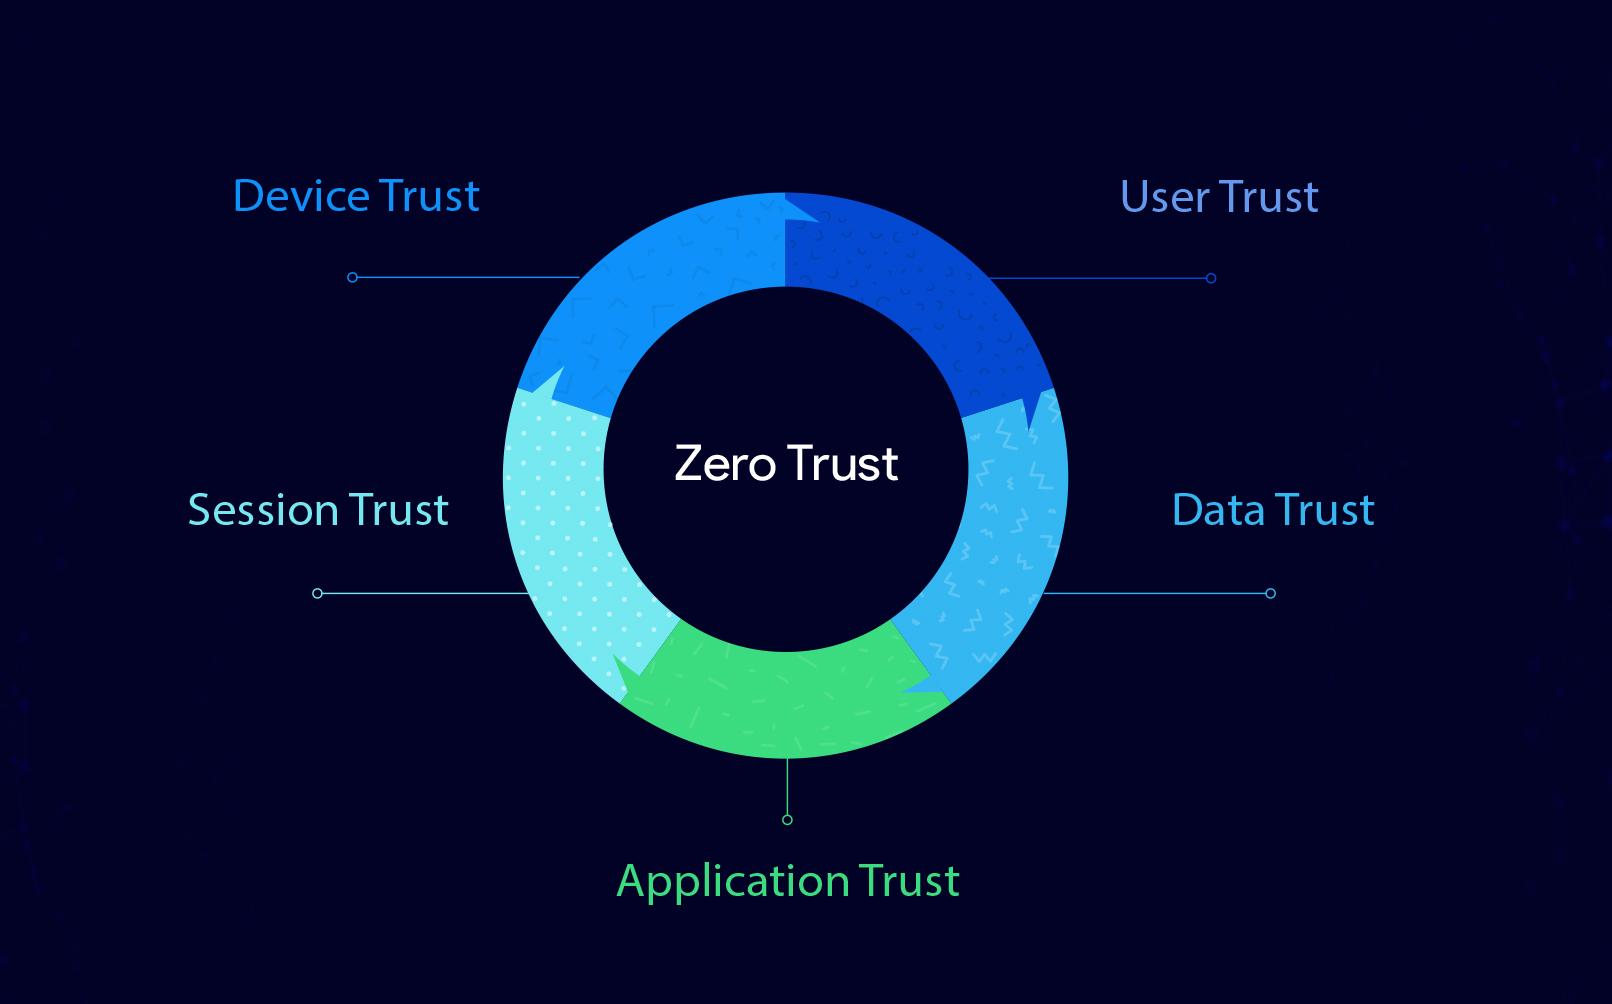 Five Pillars of Zero Trust